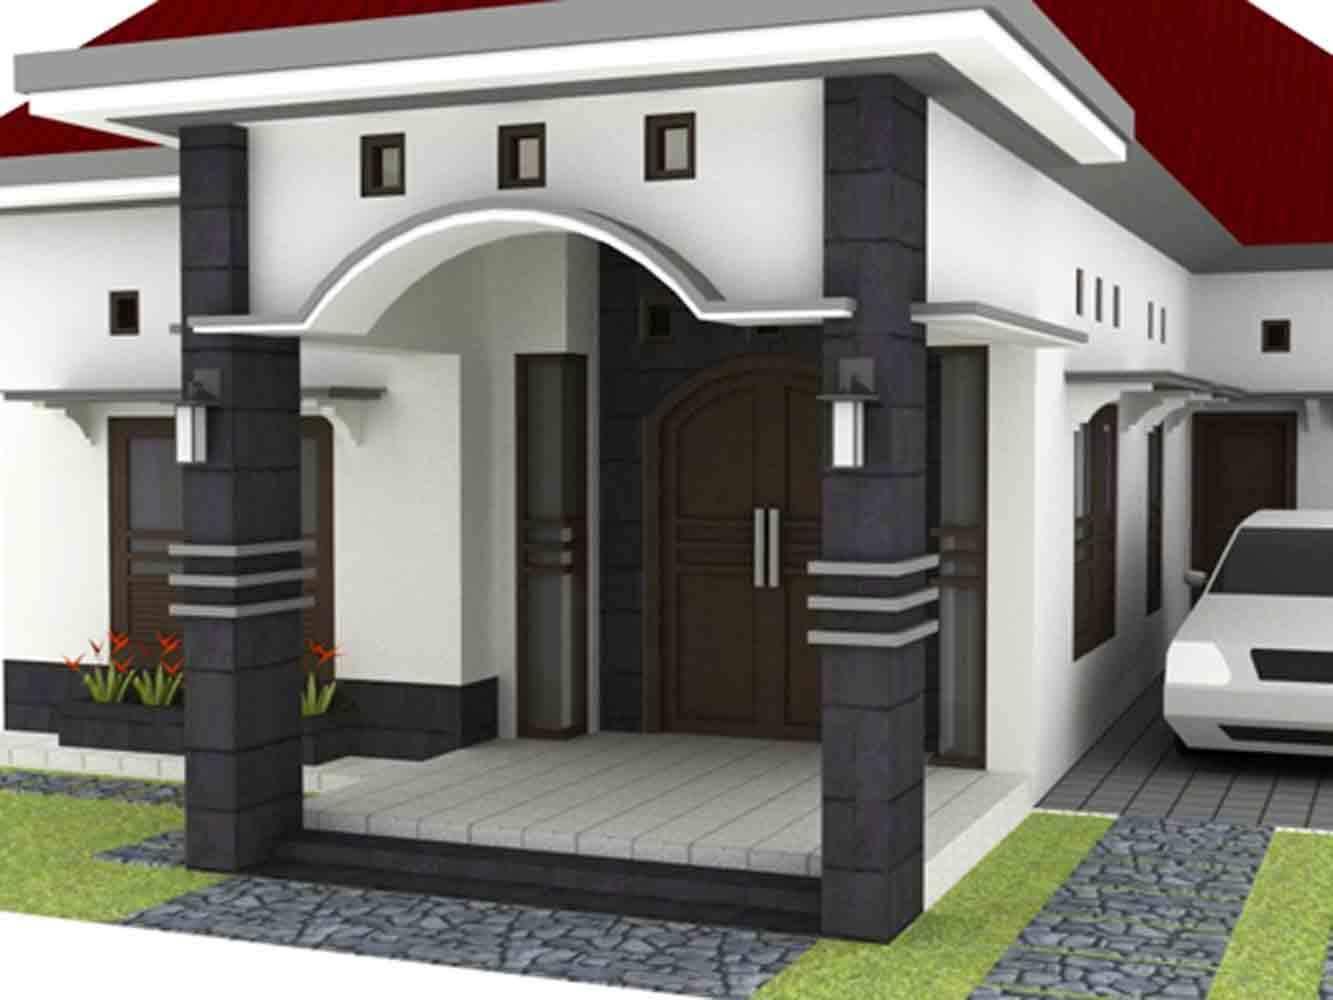 88 Terbaik Teras Rumah Minimalis Modern Terbaru dan Terlengkap